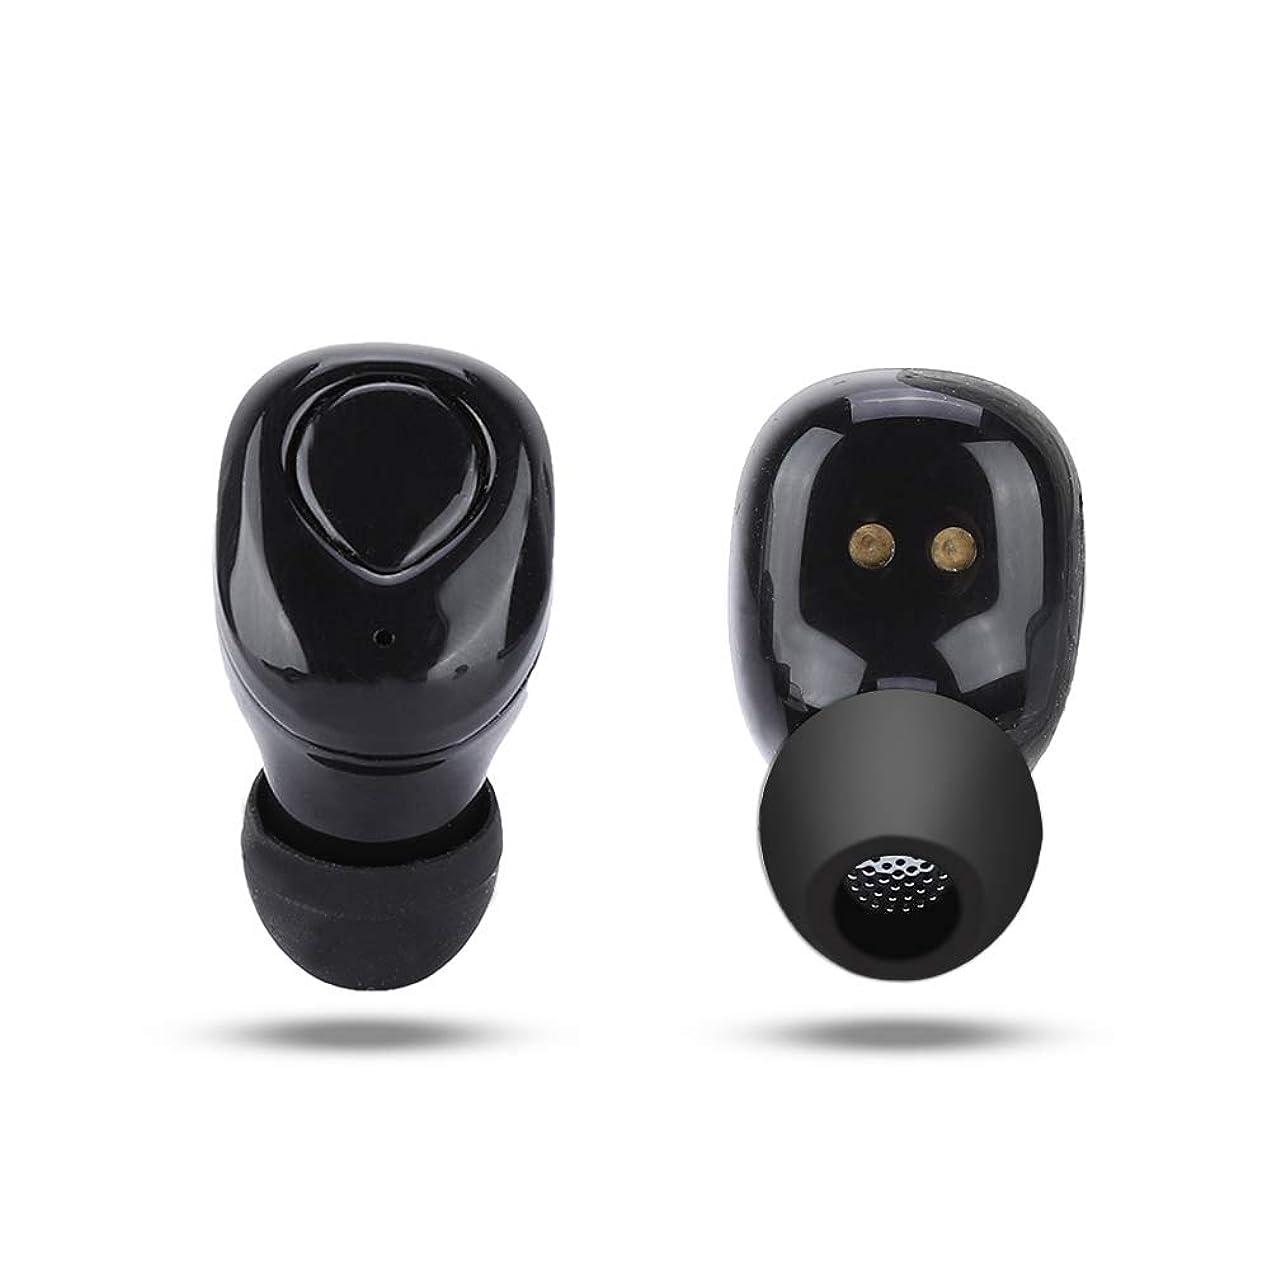 軍団落とし穴感謝するミニBluetoothヘッドフォン ASHATA TWS Bluetooth 4.2ヘッドフォン HiFi Sound Sportミニヘッドフォン 人間工学に基づいたインイヤーイヤホン ノイズキャンセルヘッドフォン